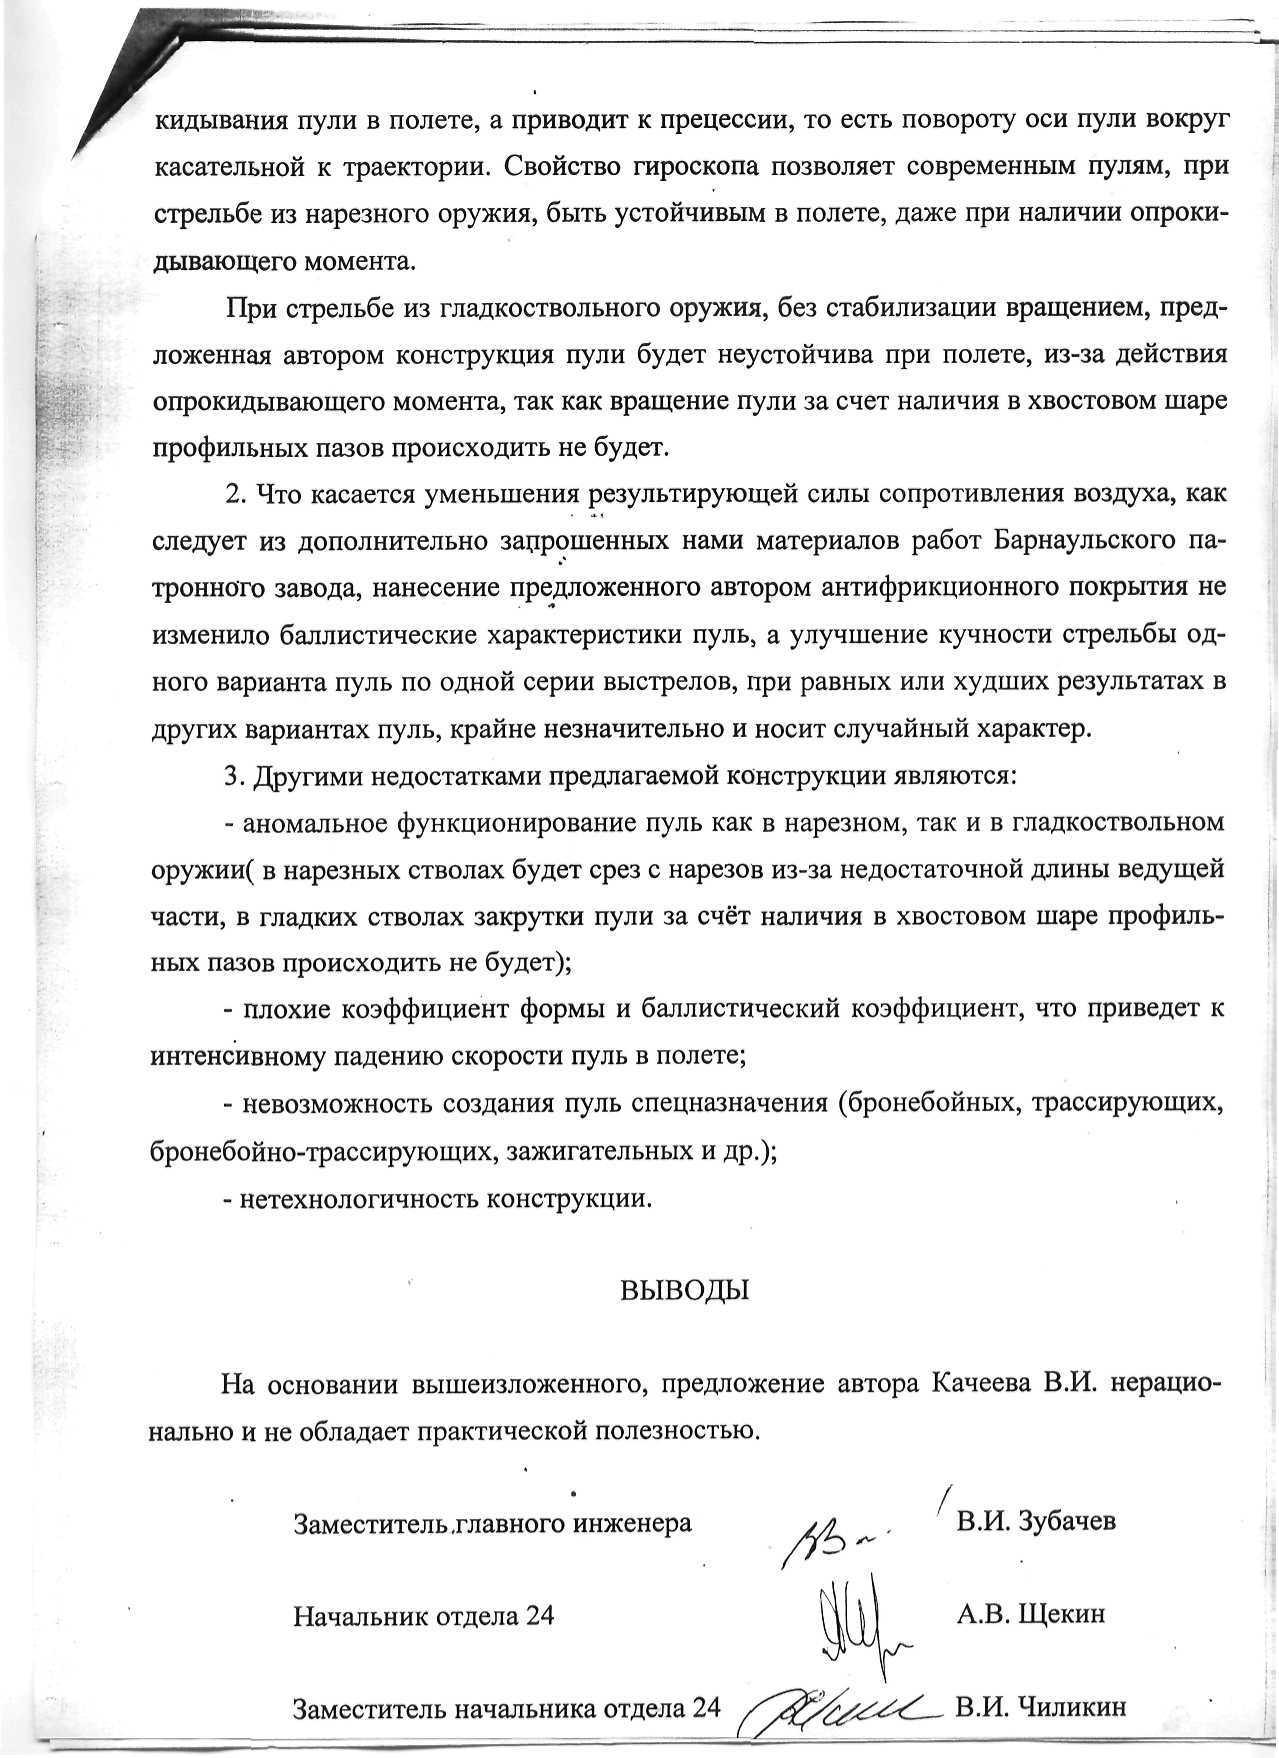 Ответ В.И. Качееву из ЦНИИТочмаш.